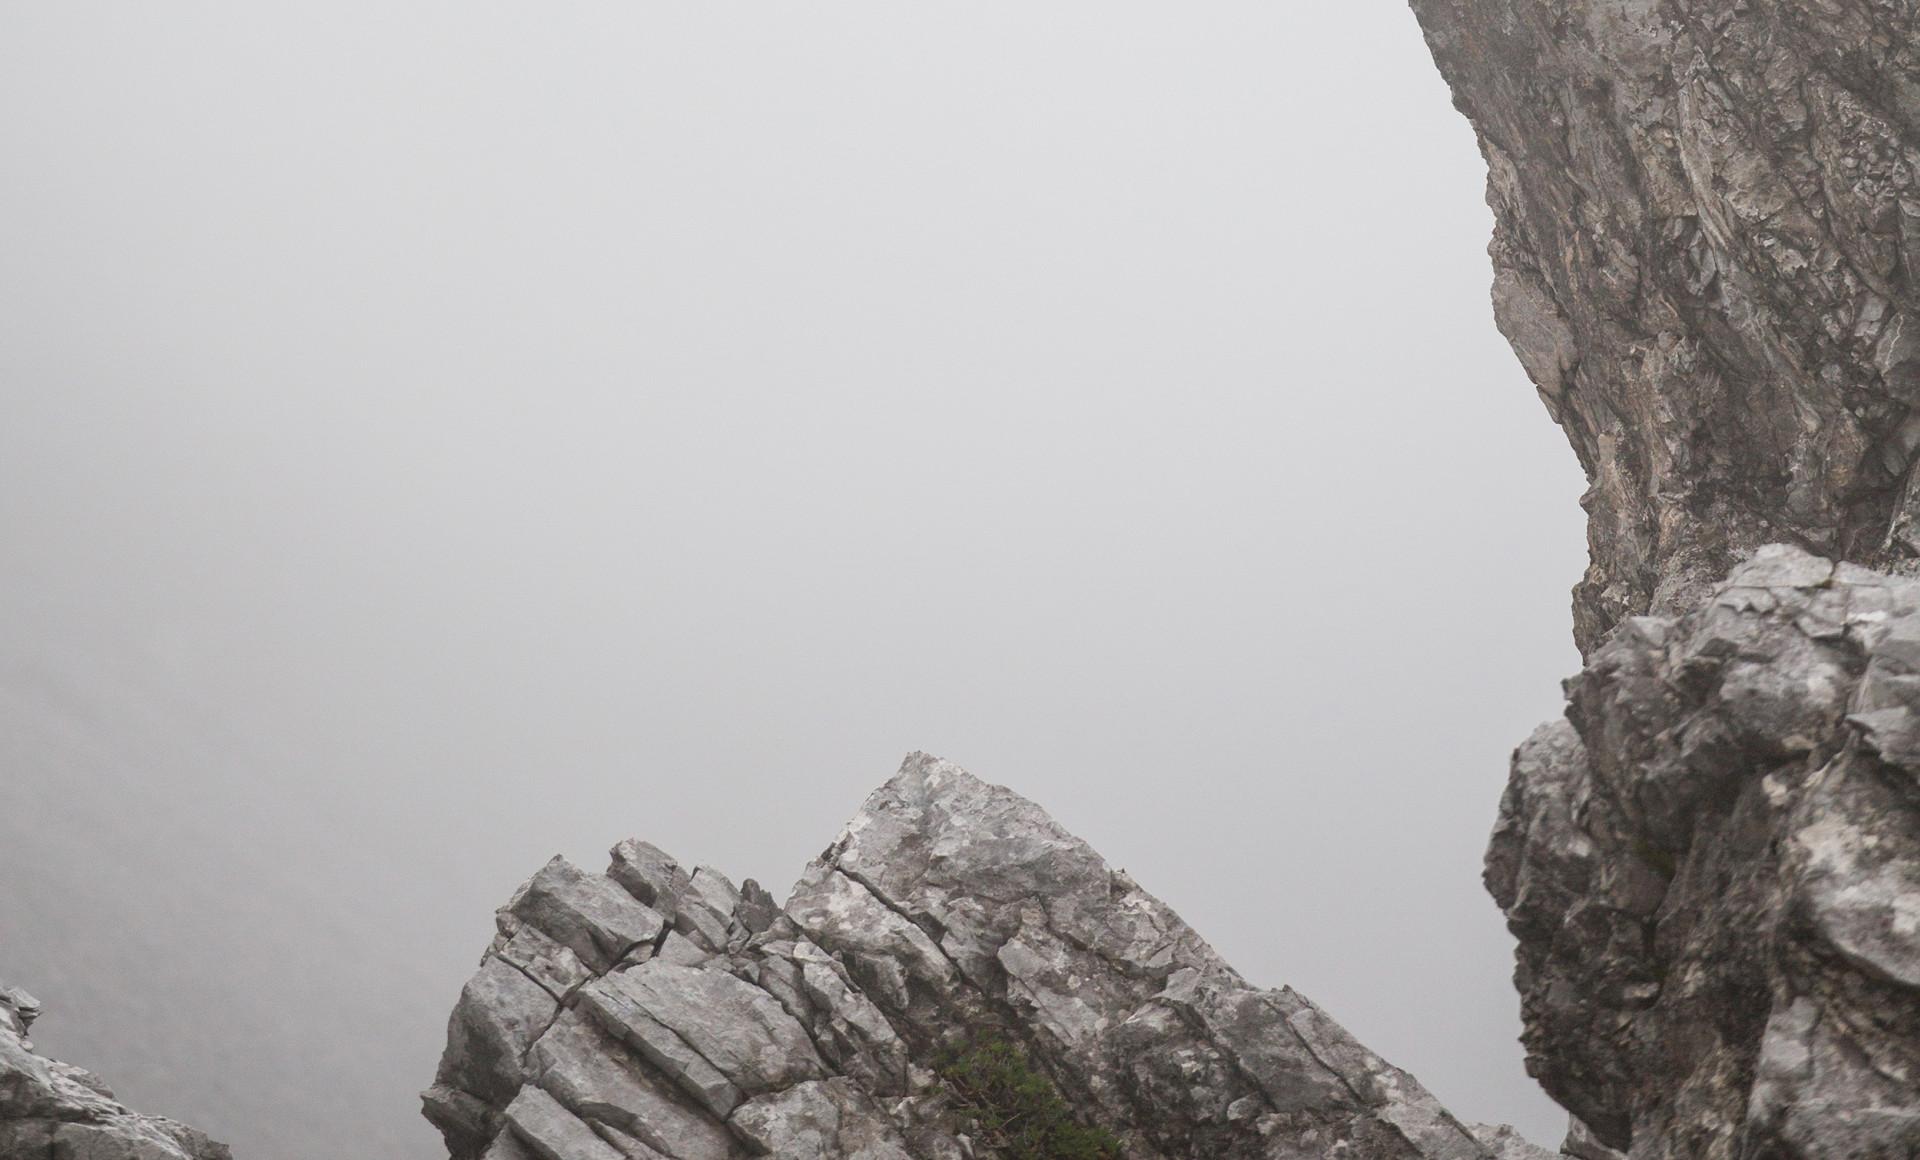 Arrivé au sommet, l'alpiniste expérimenté profite de la vue splendide.